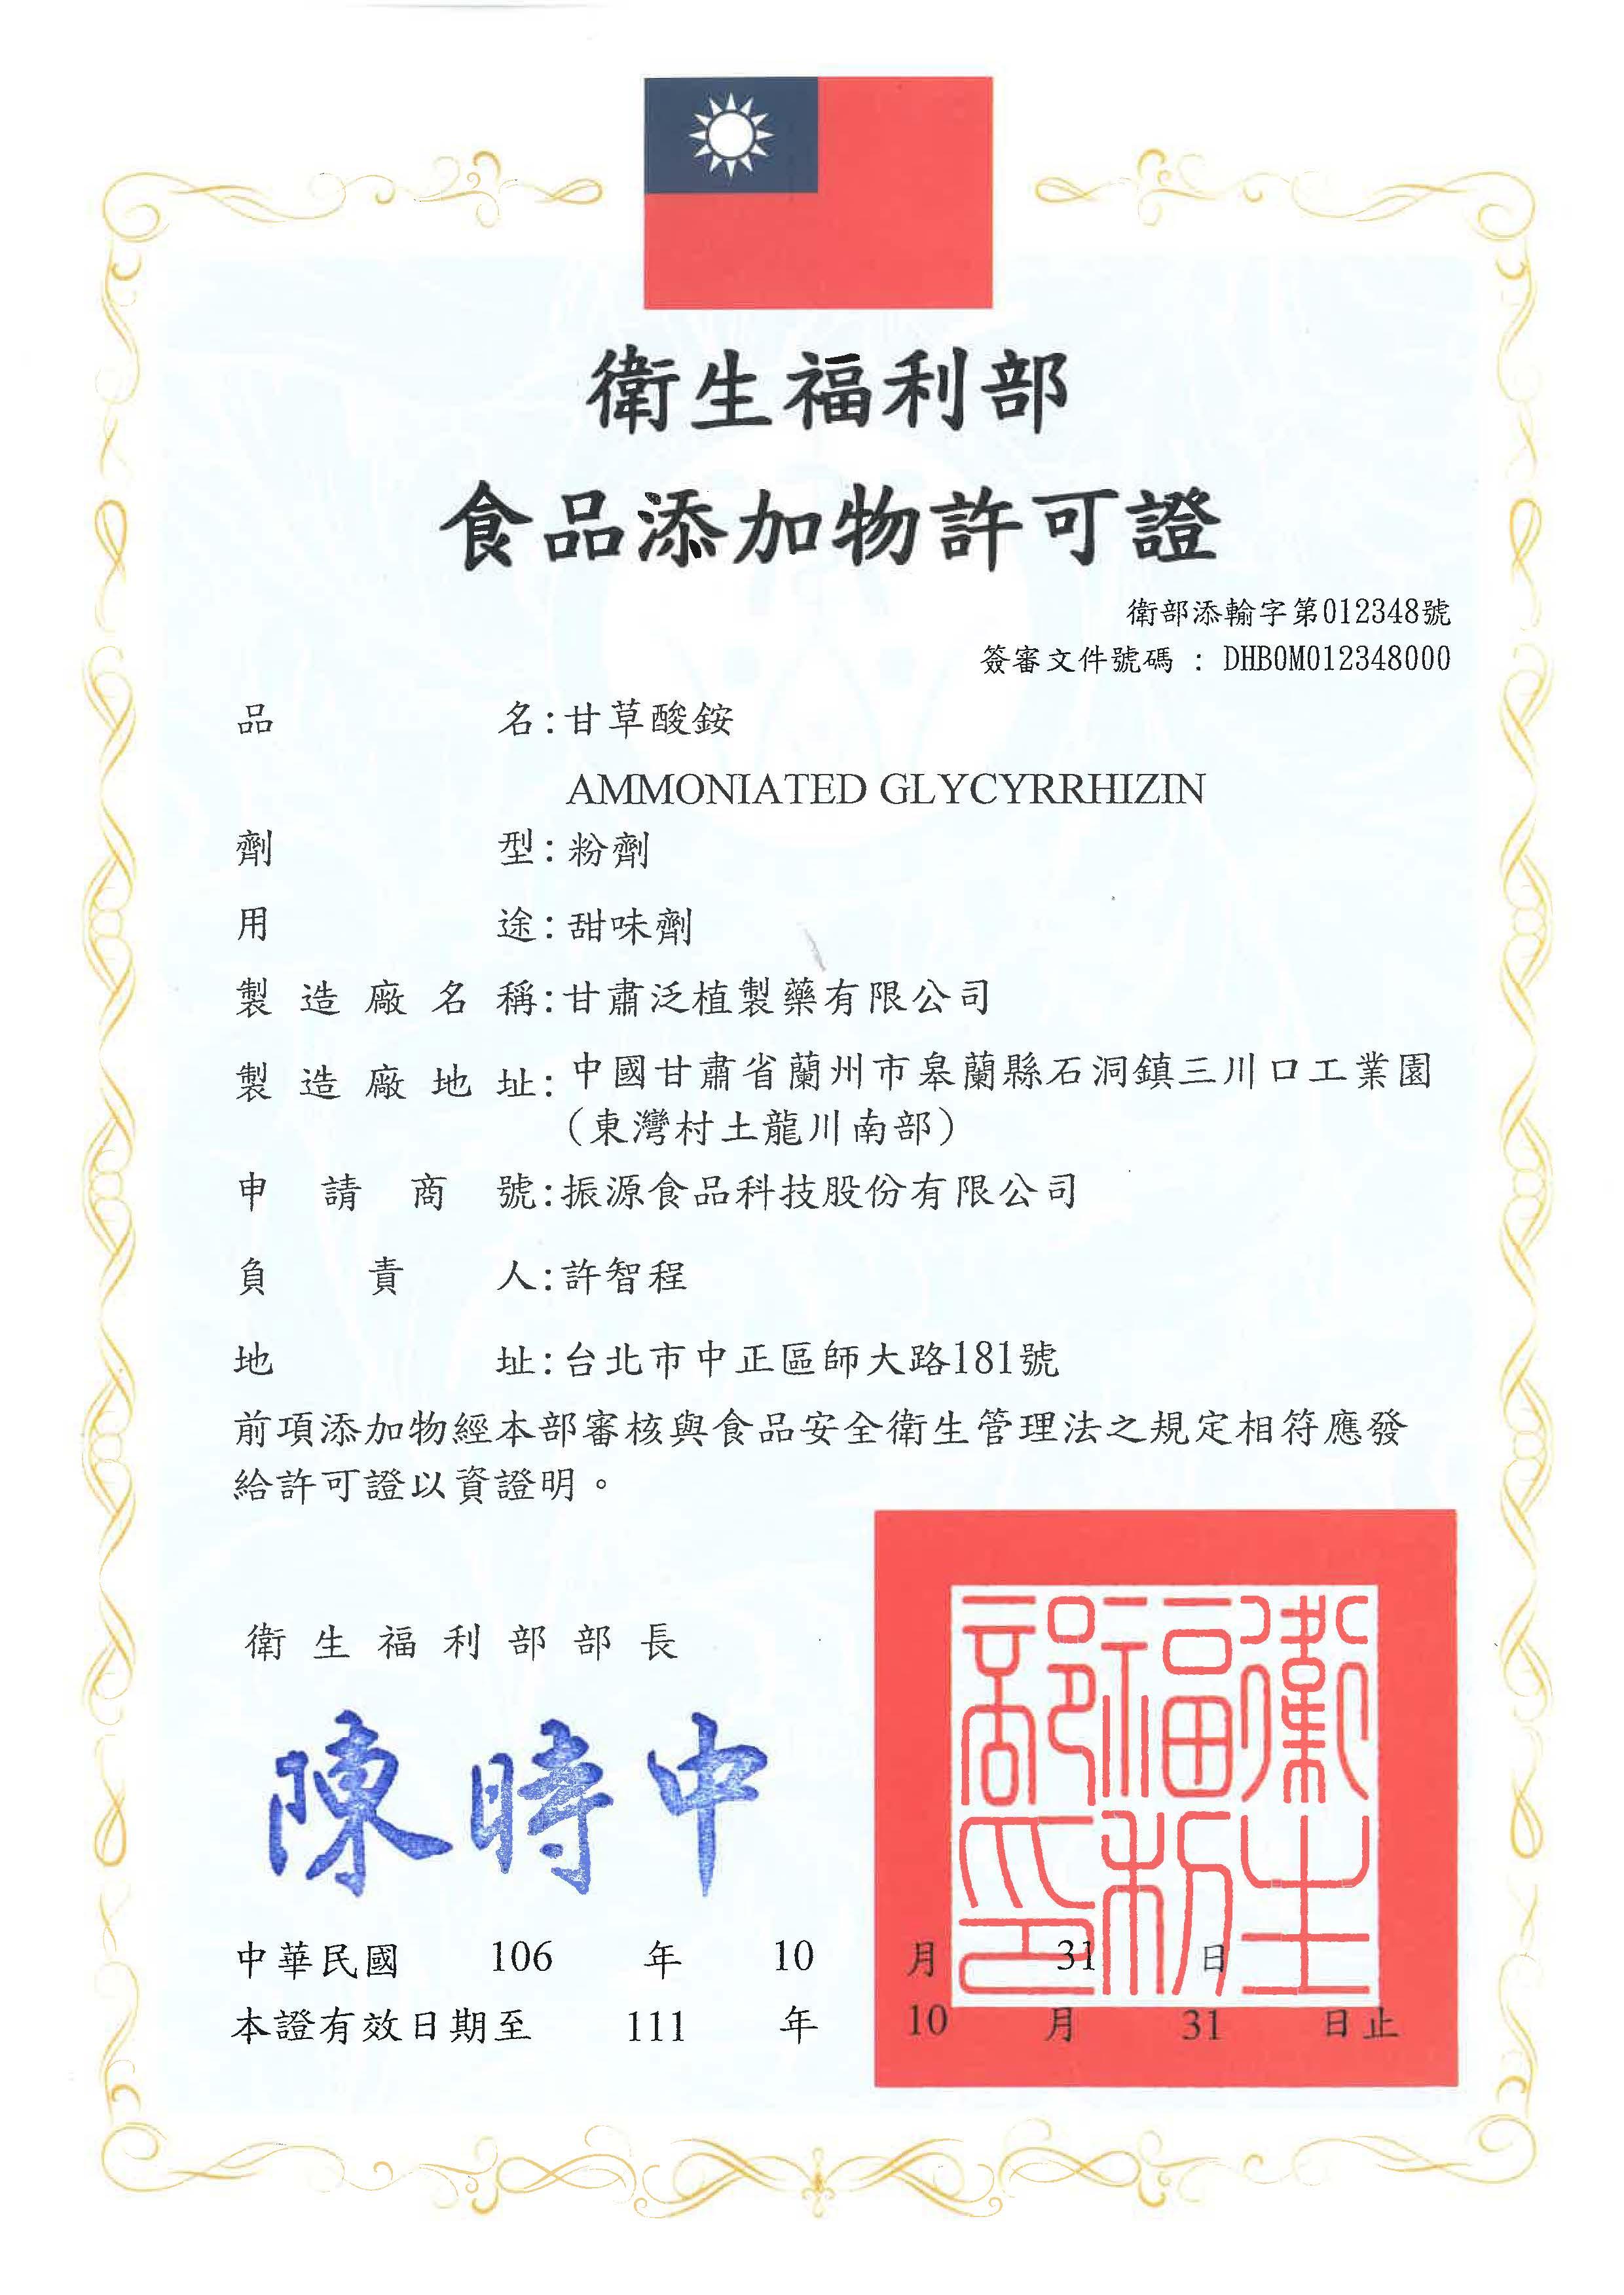 甘草酸銨(低含量)-台湾食品添加剂许可证